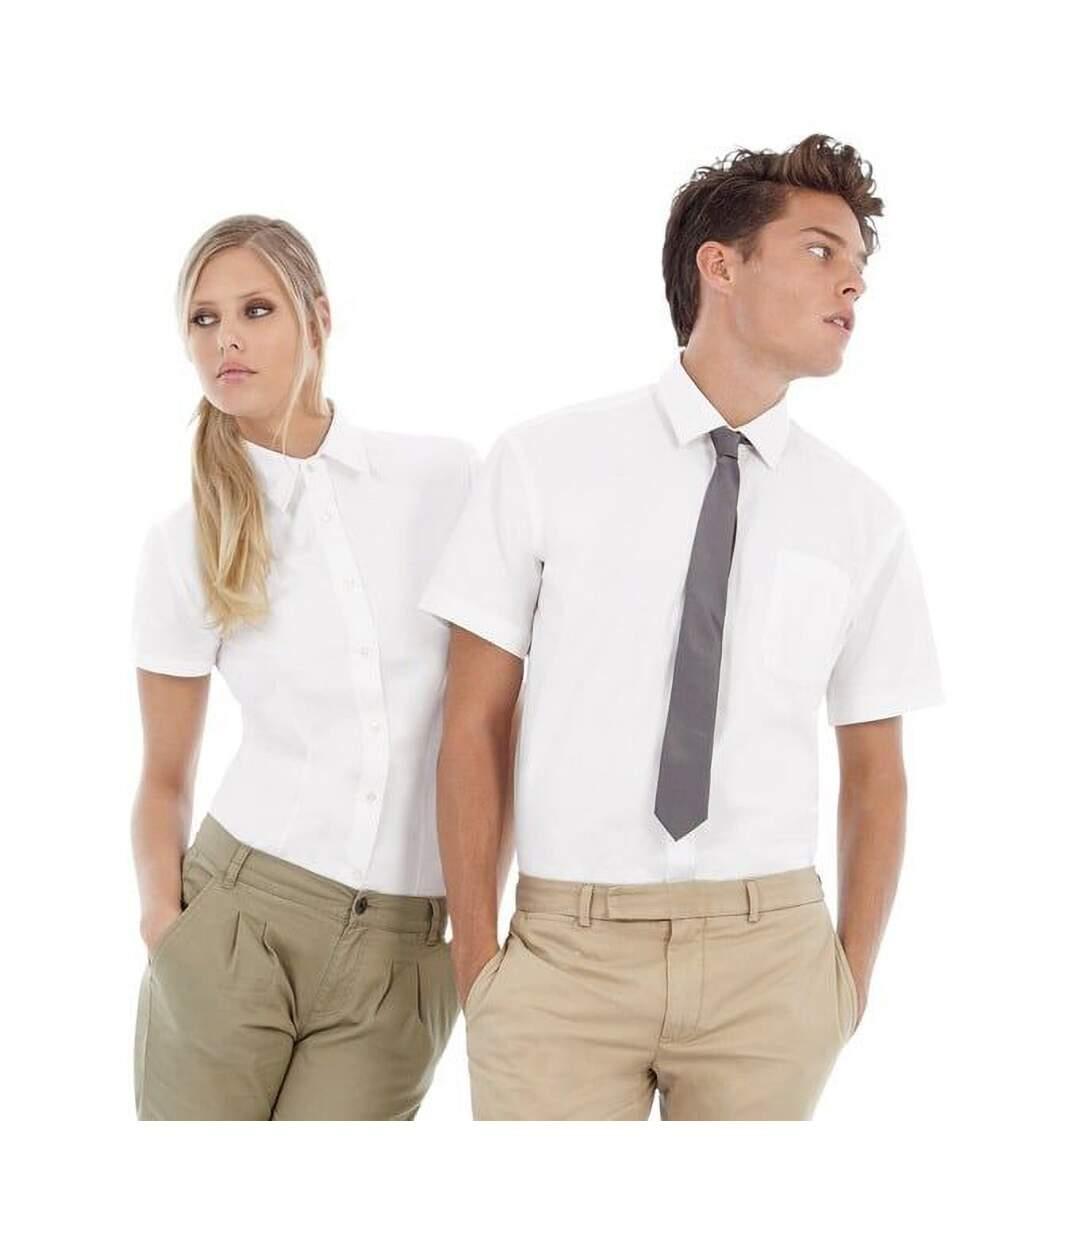 B&C Mens Sharp Twill Short Sleeve Shirt / Mens Shirts (White) - UTBC114